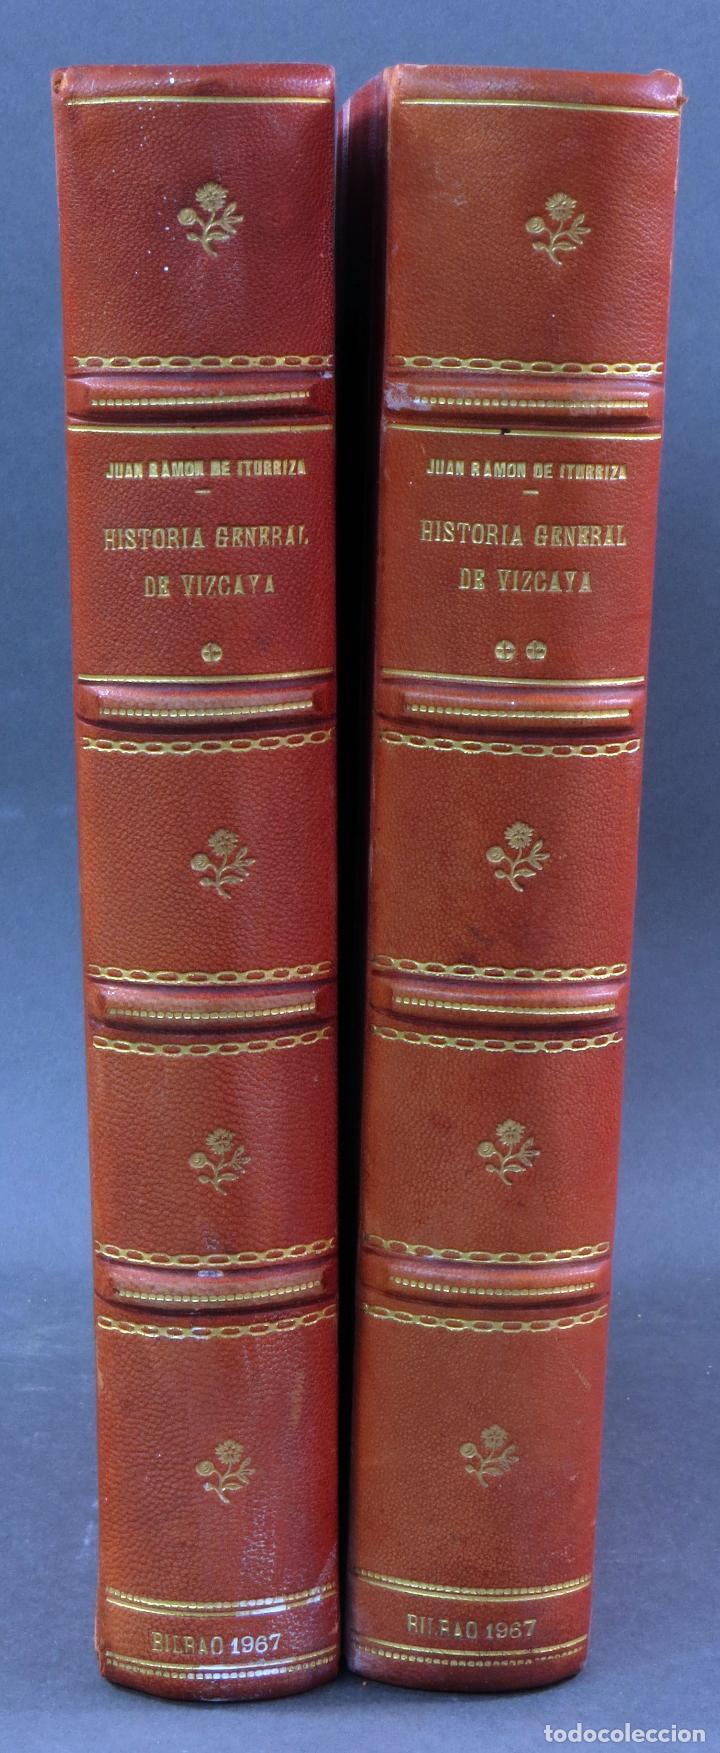 HISTORIA GENERAL DE VIZCAYA EPITOME ENCARTACIONES JUAN RAMÓN ITURRIZA Y ZÁBALA FUENTES 2 TOMOS 1967 (Libros de Segunda Mano - Historia - Otros)